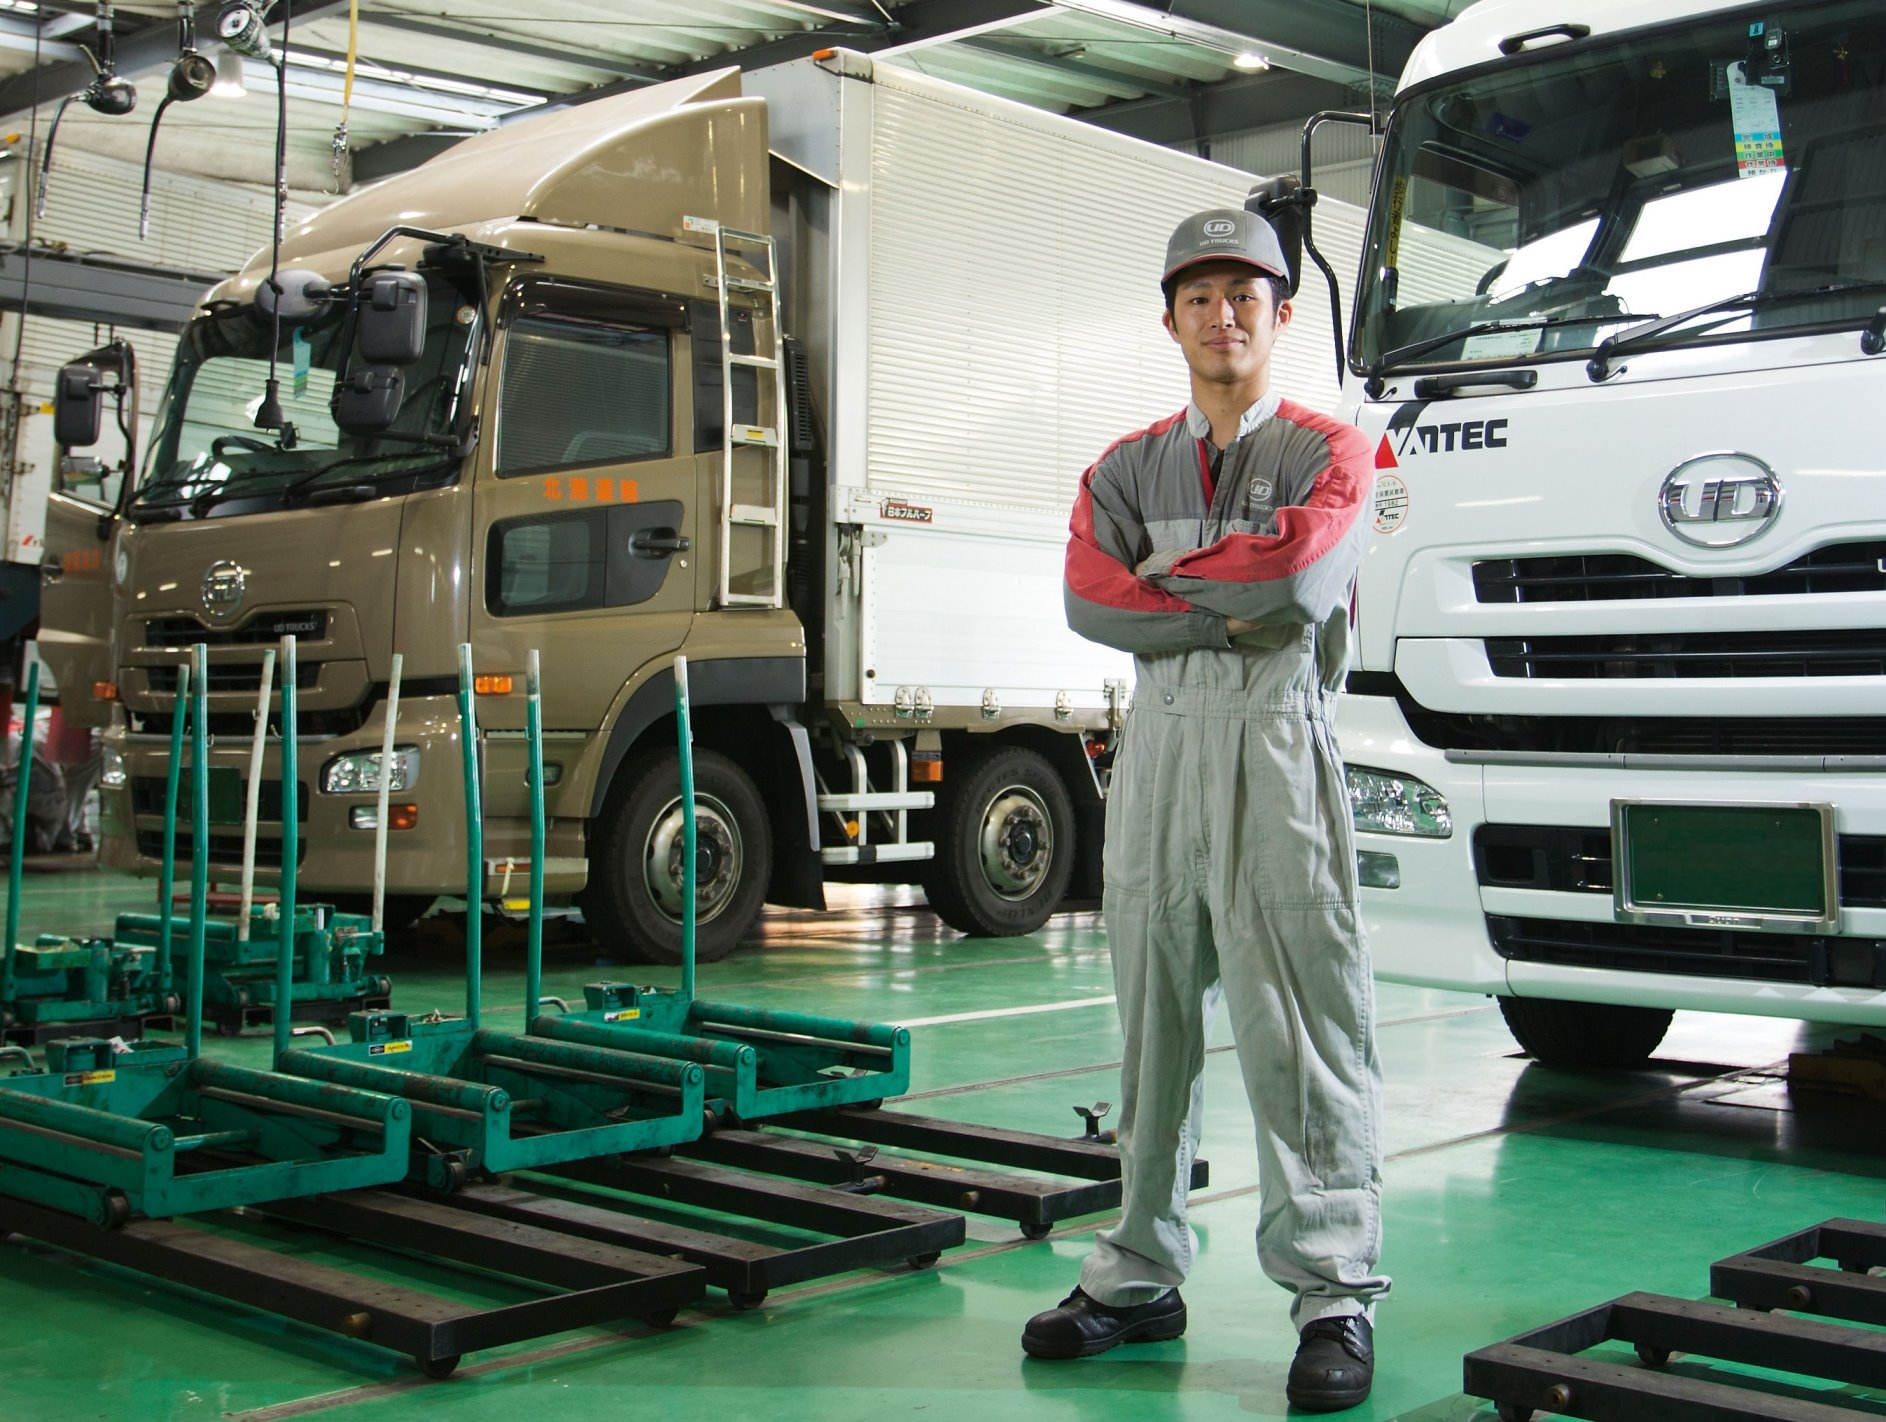 【正社員 埼玉県(川口市)】高年収!残業少!大手トラックメーカーの整備士募集!